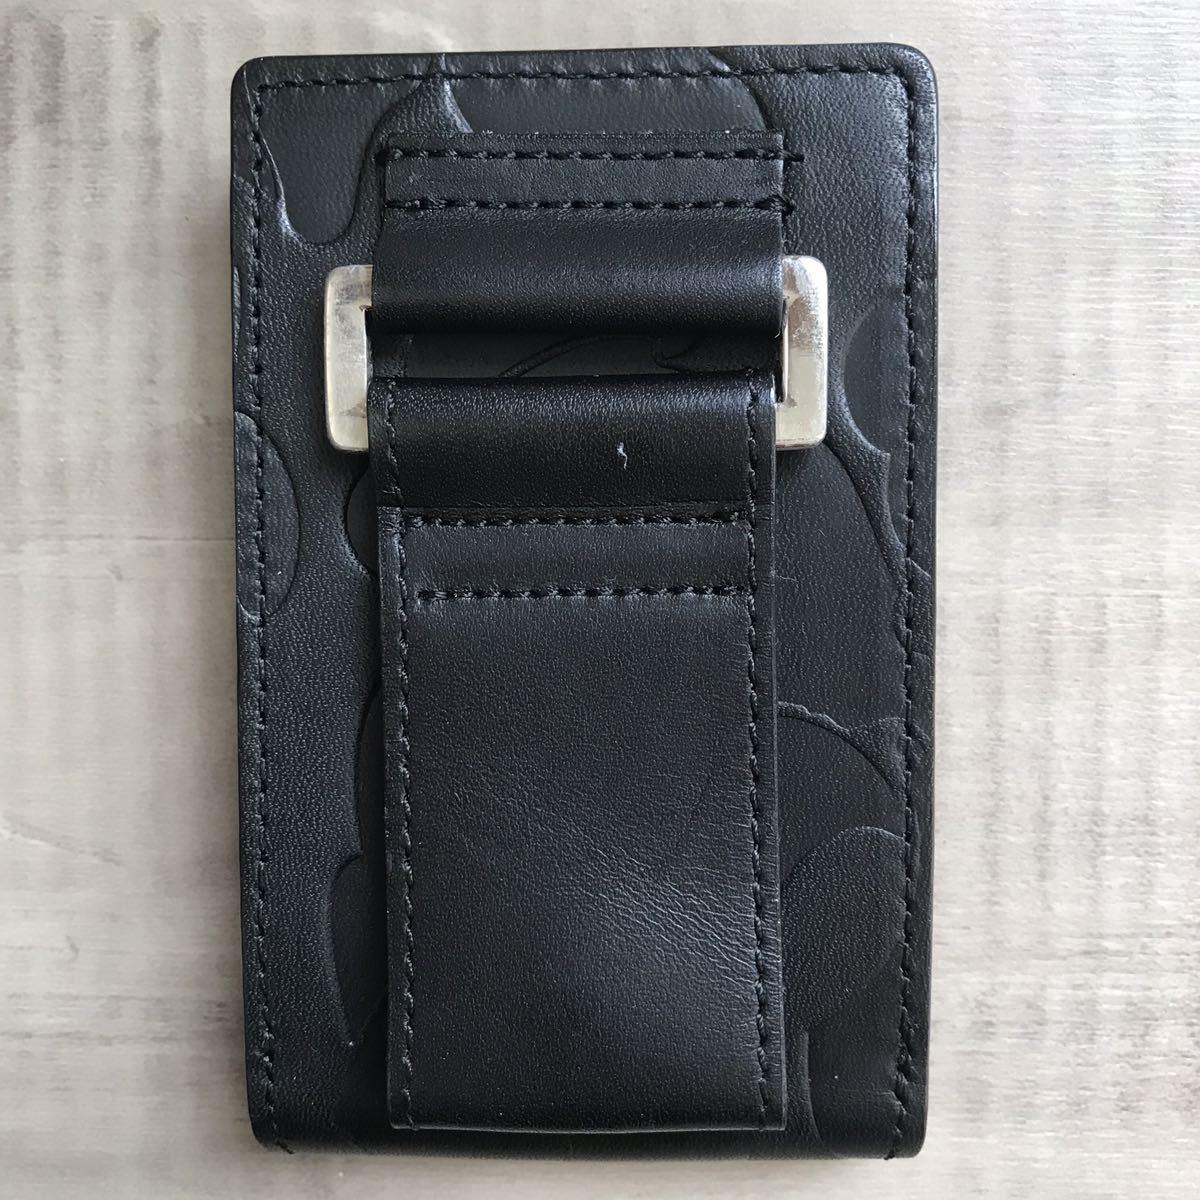 ★新品★ 型押しレザー iPod ケース a bathing ape BAPE camo leather エイプ ベイプ アベイシングエイプ 迷彩 レザー